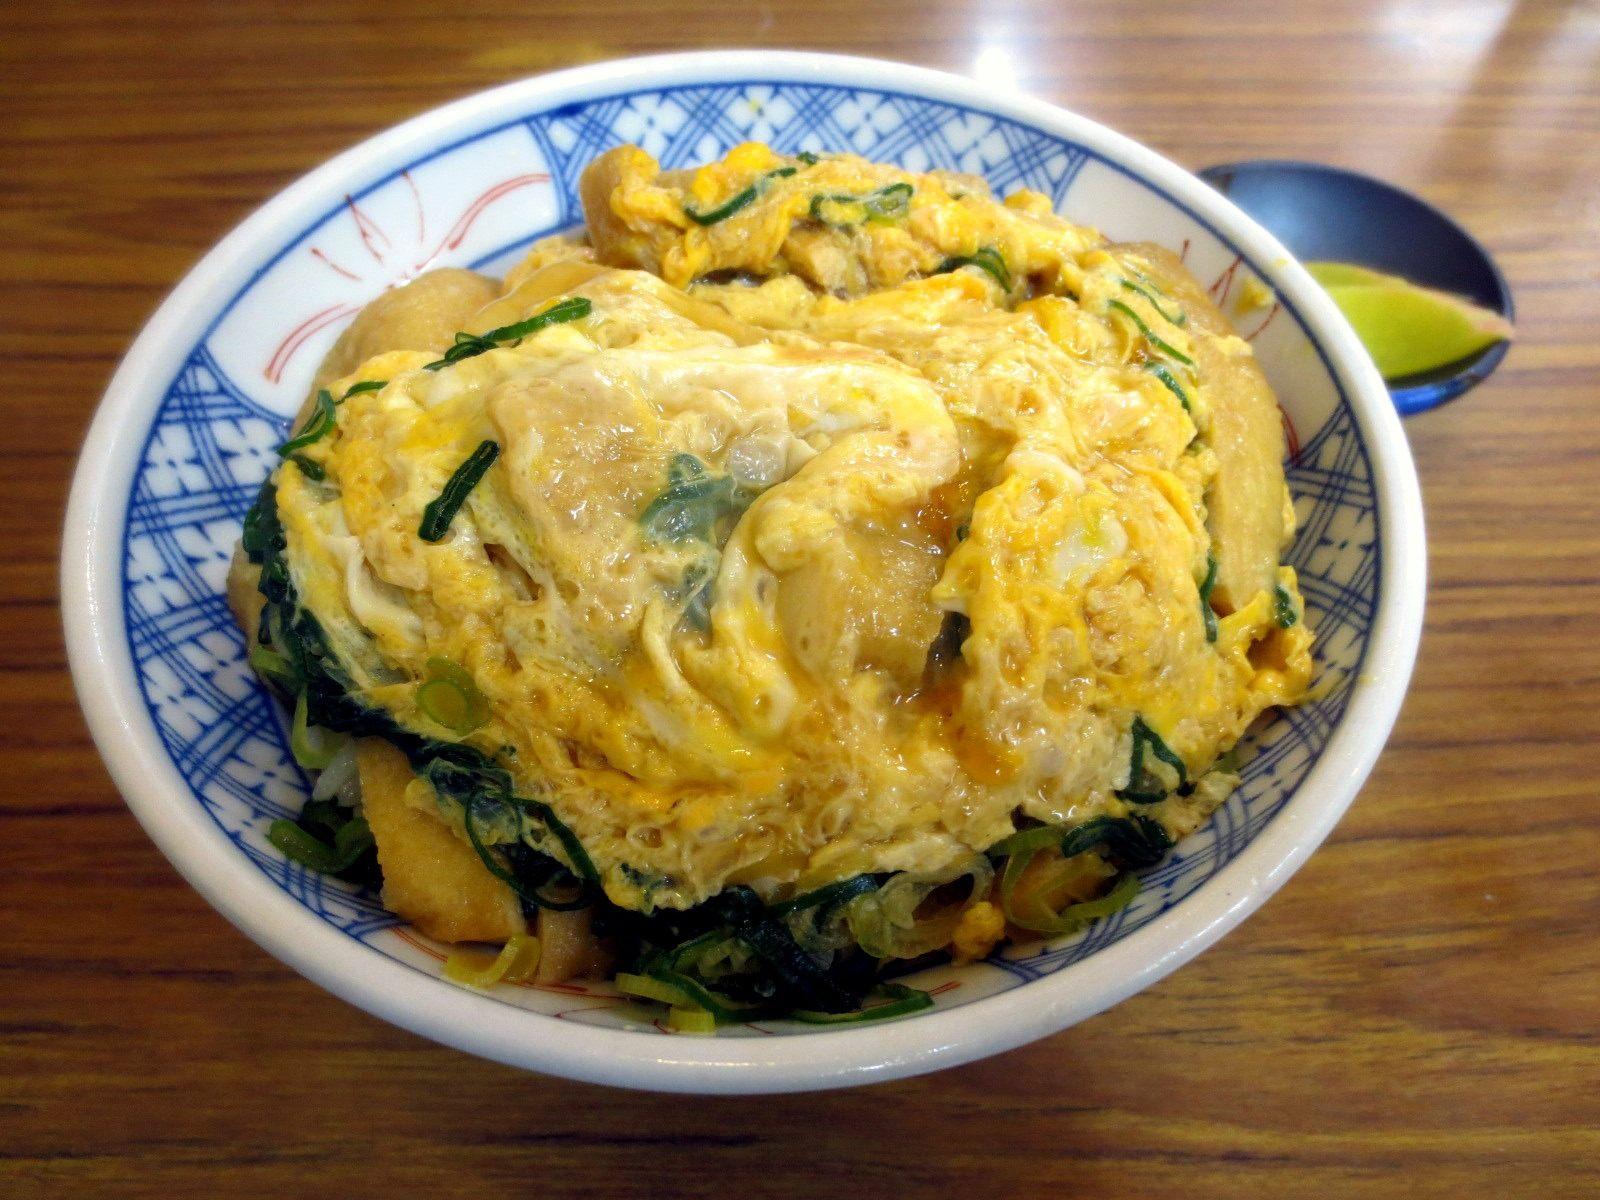 放有雞蛋的油炸豆腐皮丼飯 680日圓